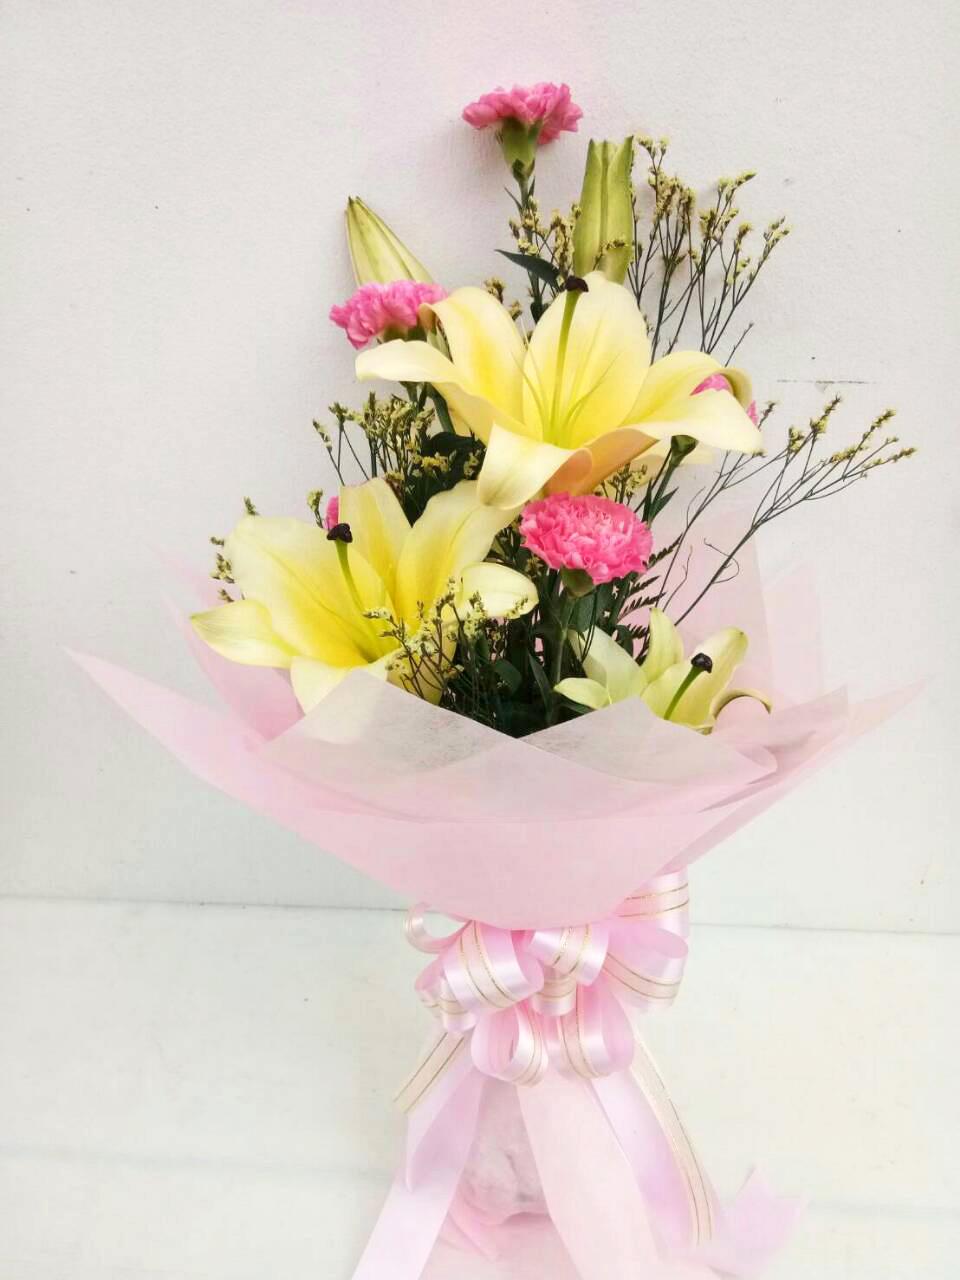 ช่อดอกไม้ ลิลลี่เหลือง-คาร์เนชั่น รหัส 4727